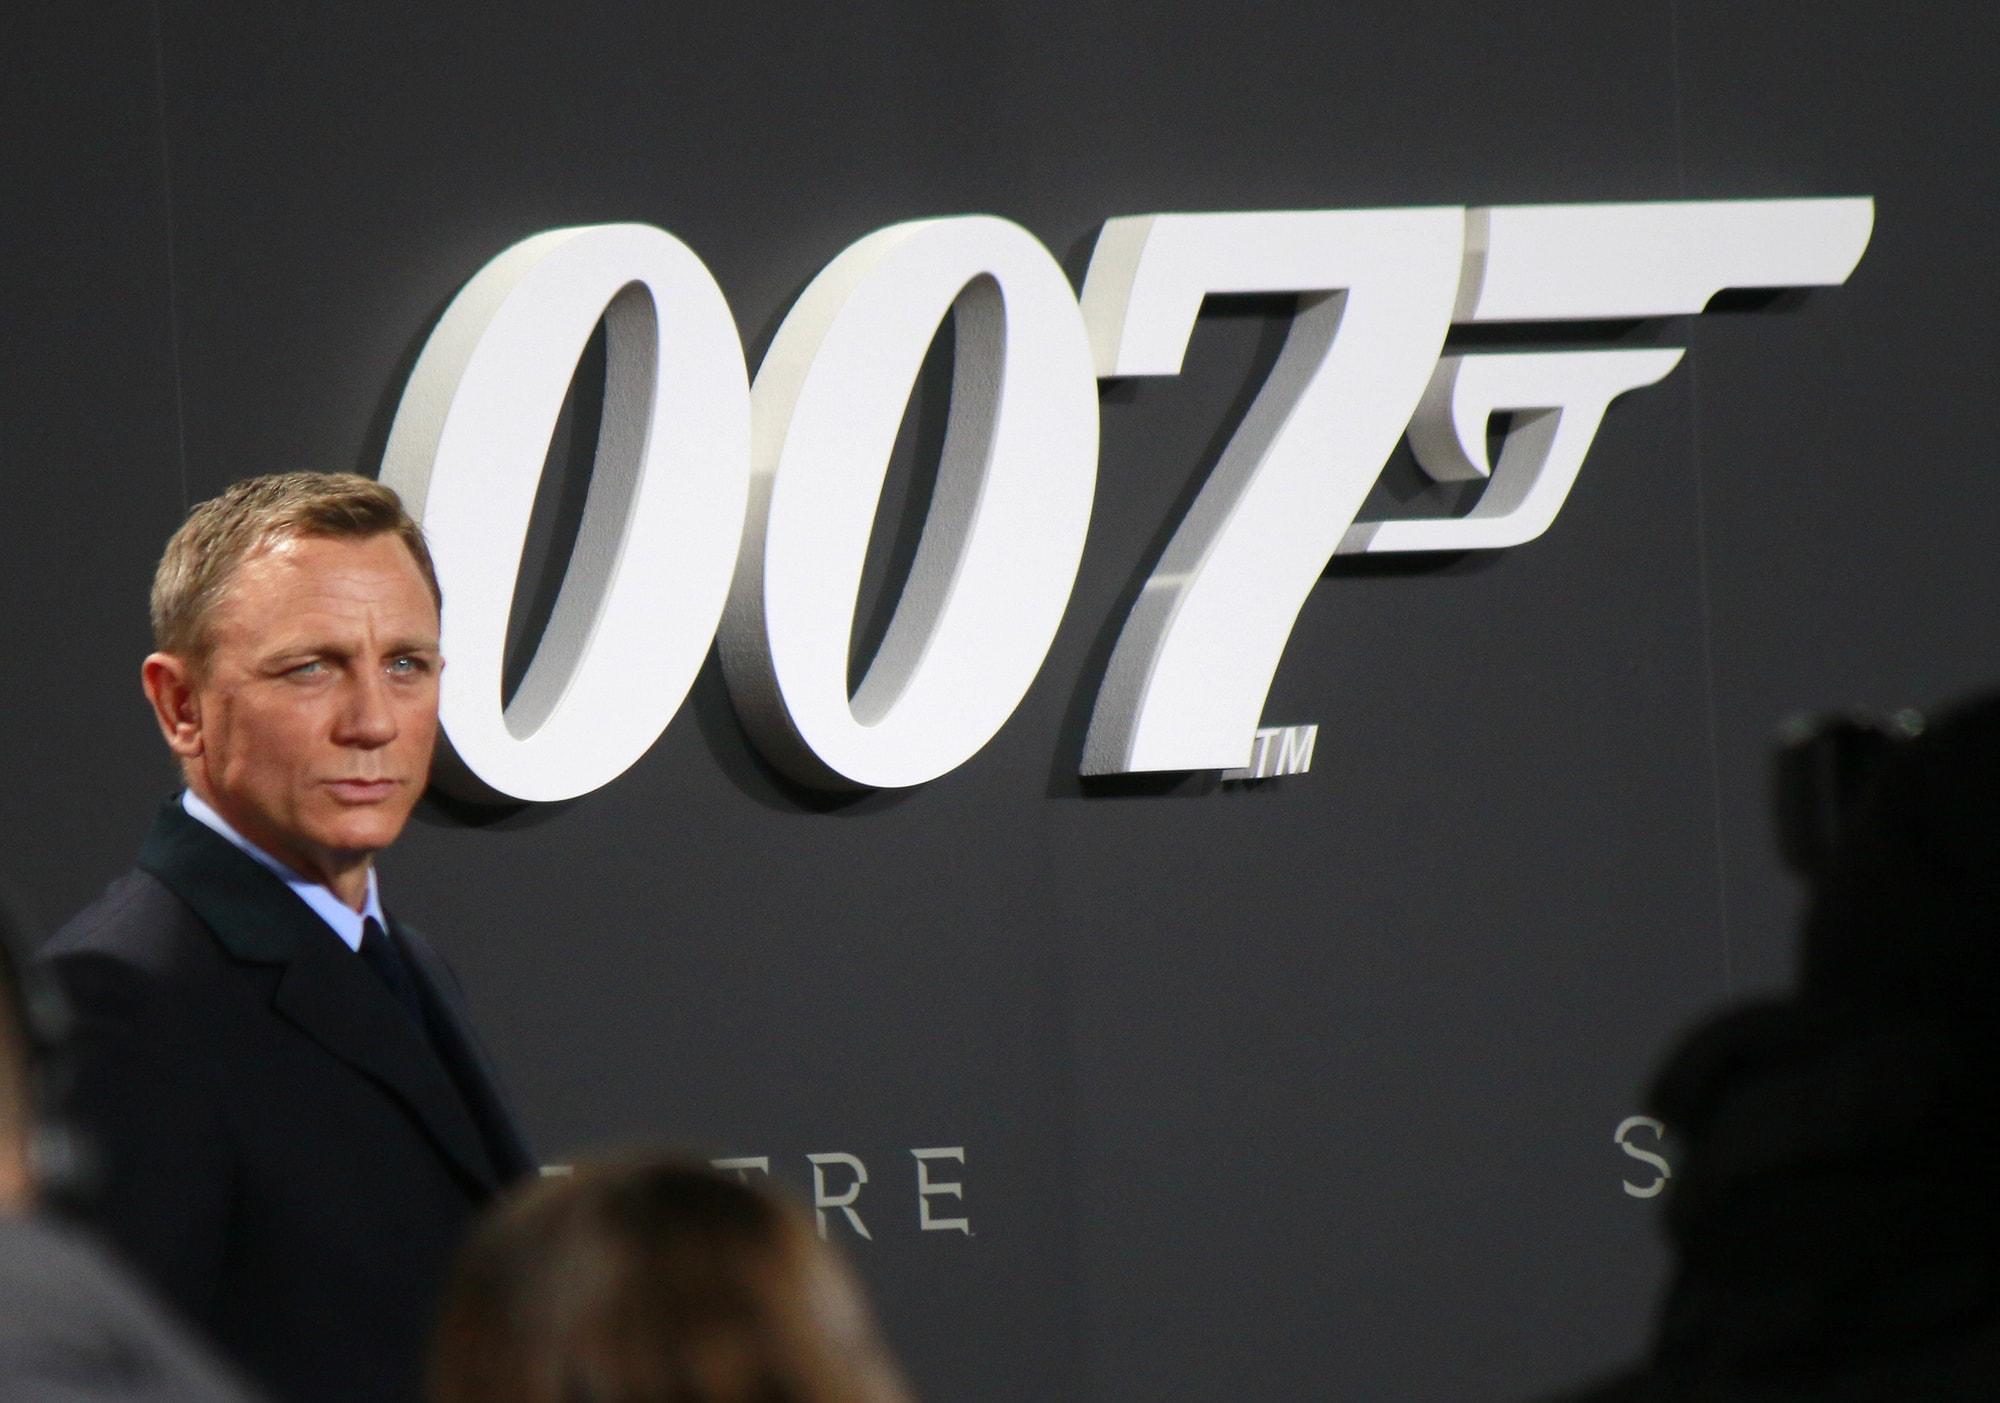 Кинокомпания MGM опровергла слухи о продаже фильма «Не время умирать»